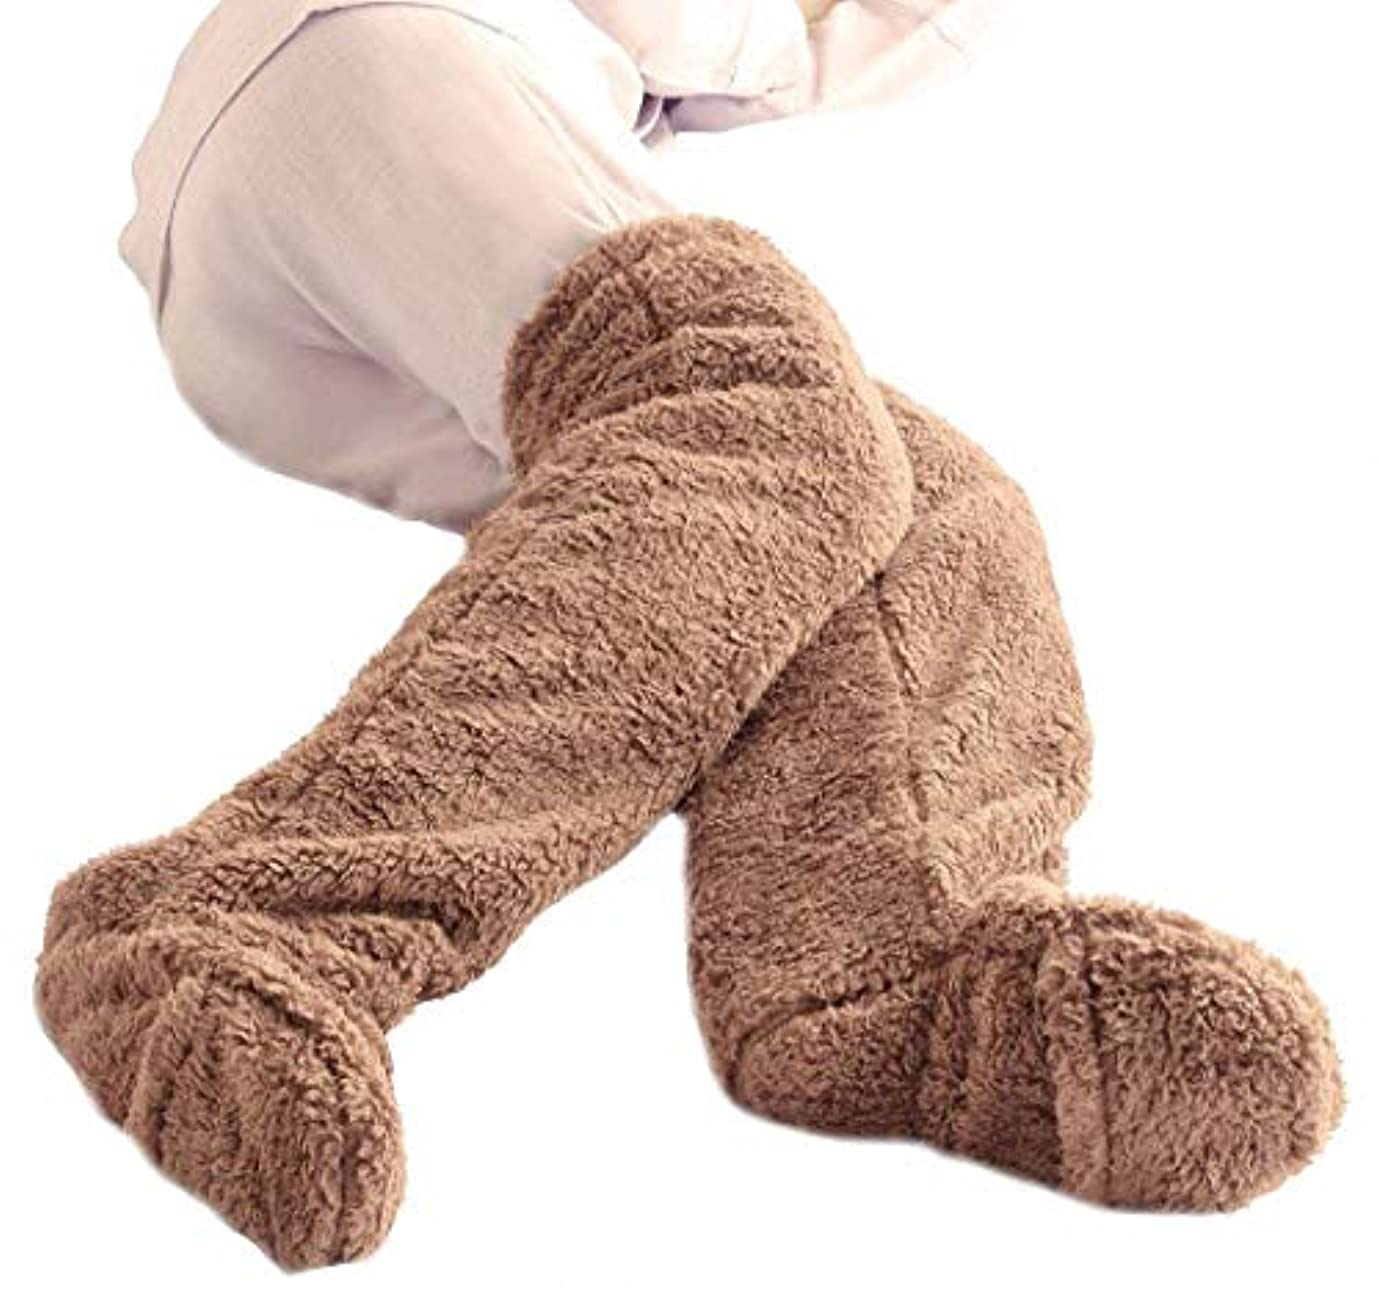 目立つとアカデミーフリース生地 室内履き 足が出せるロングカバー 軽量ヒートソックス 歩ける ロングカバー 極暖 ルームソックスルームシューズ